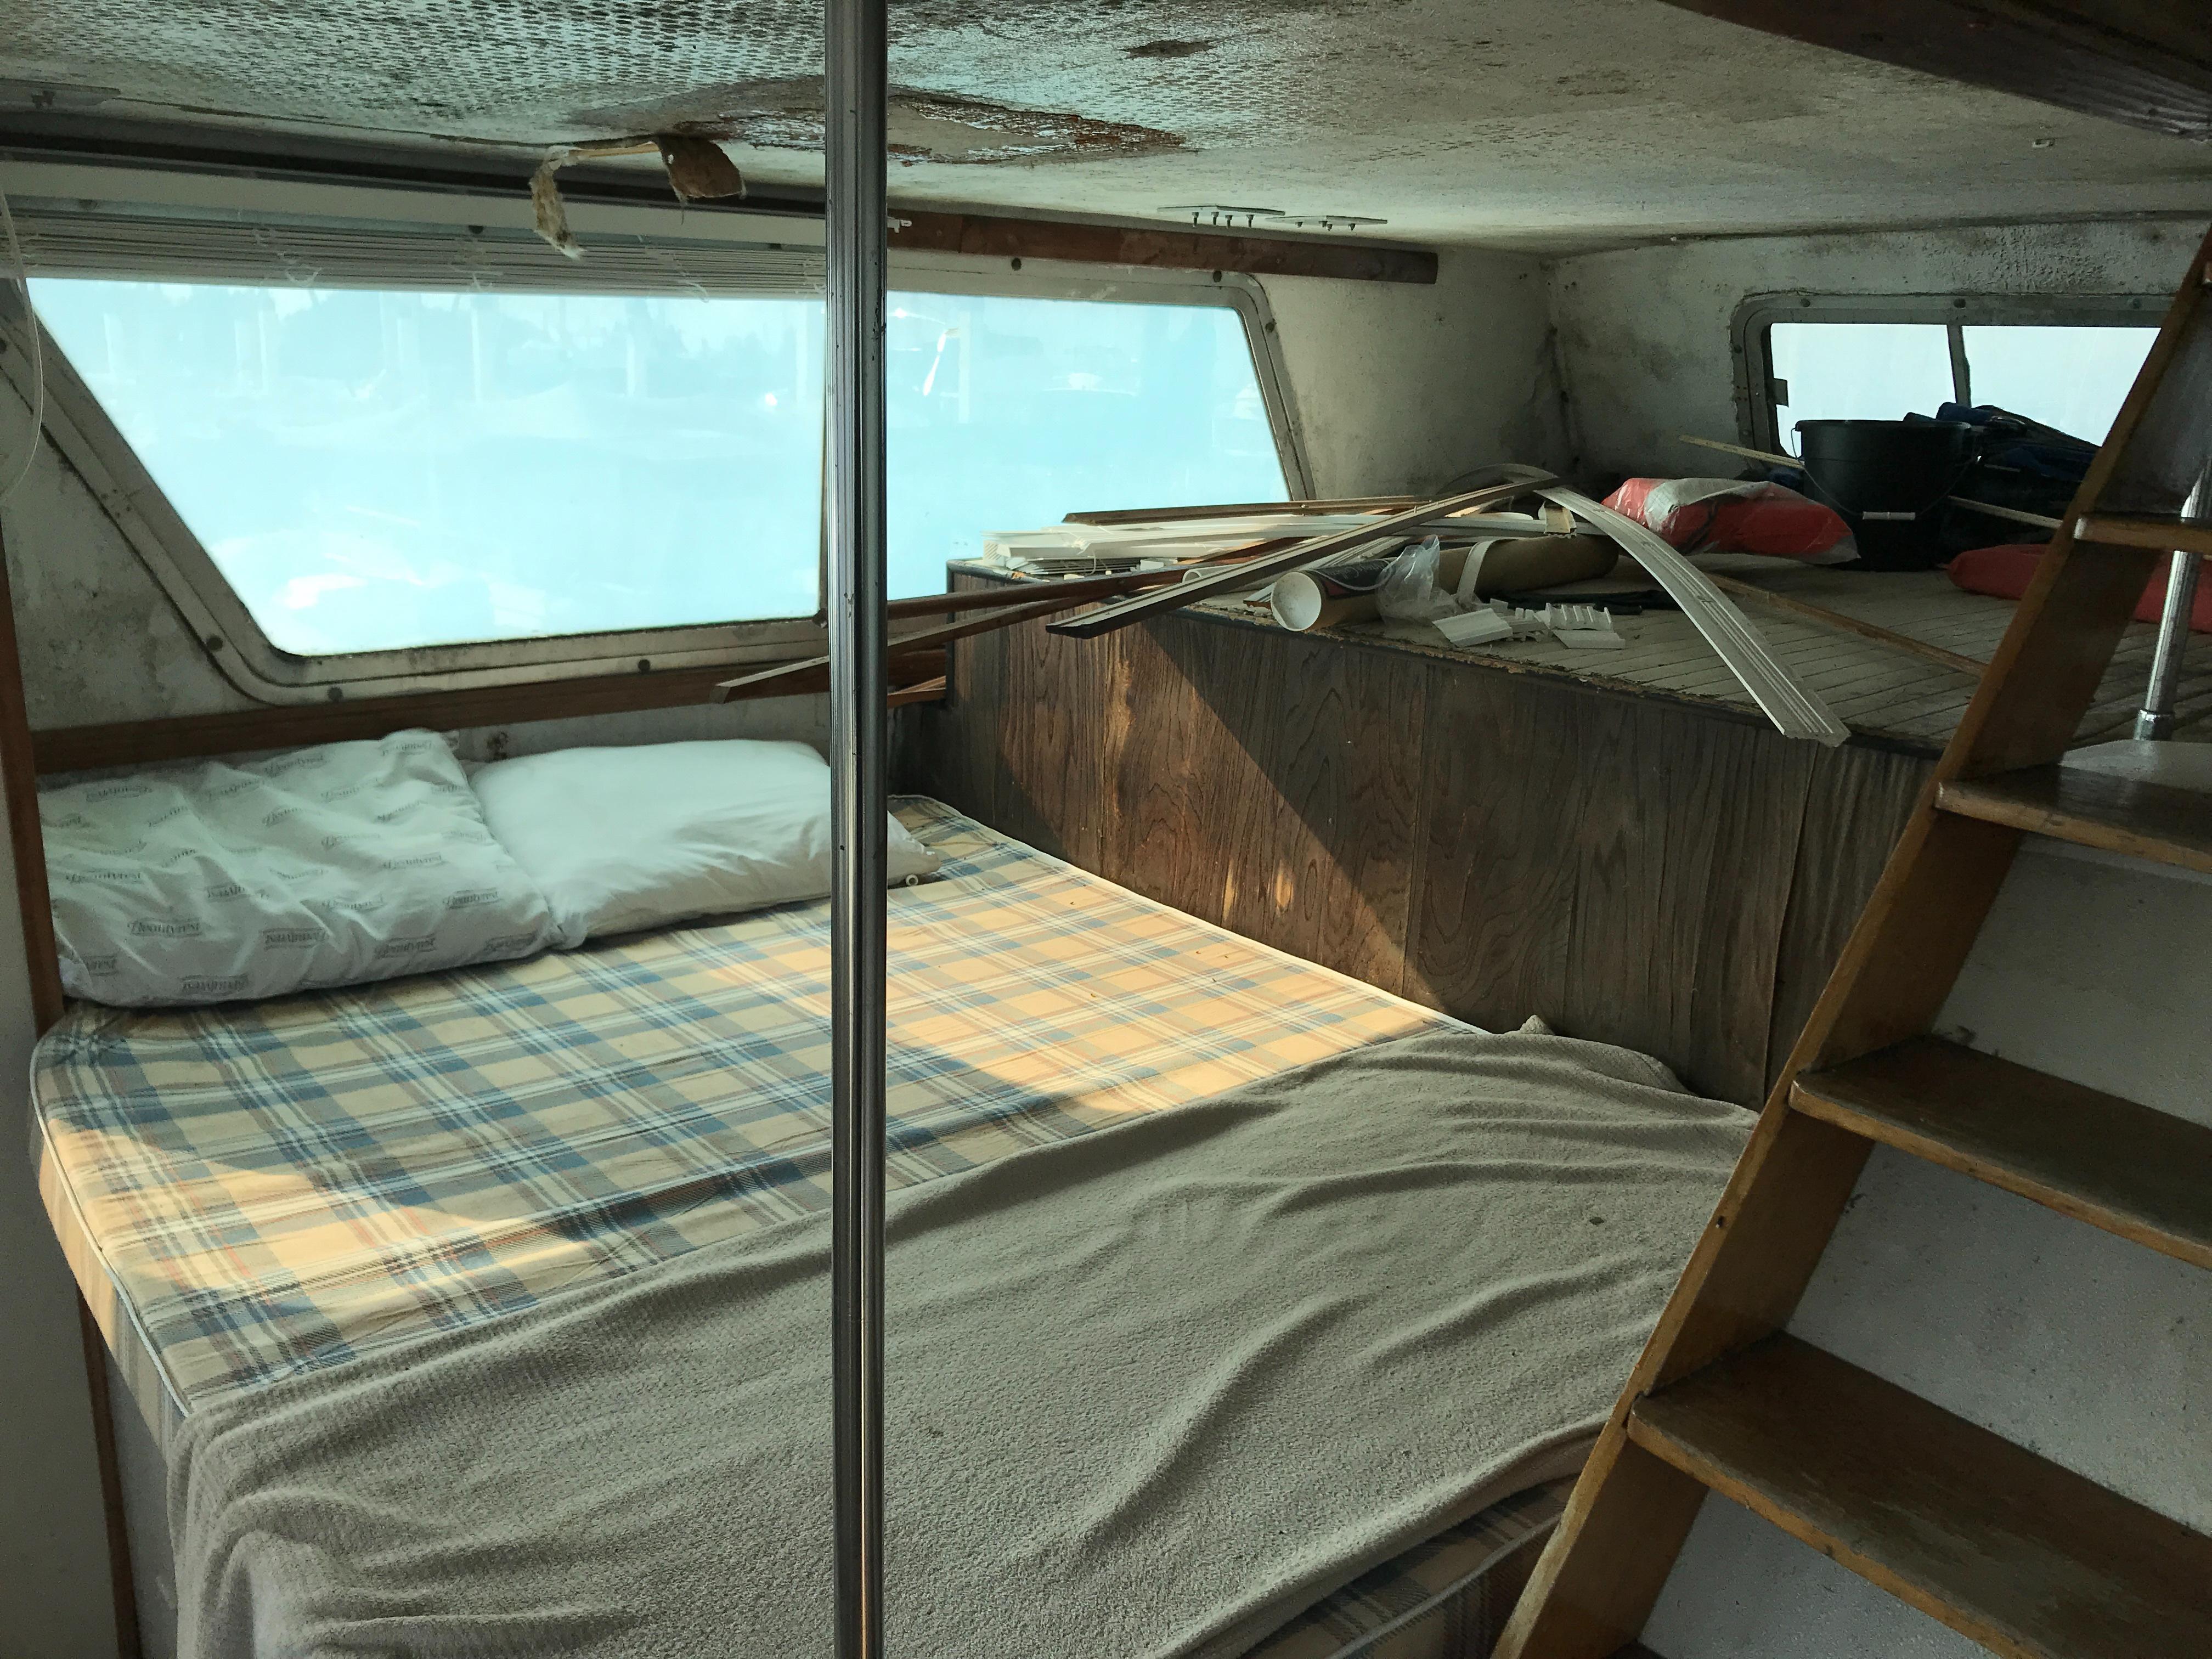 Carri-craft 57 Catamaran - forward berth